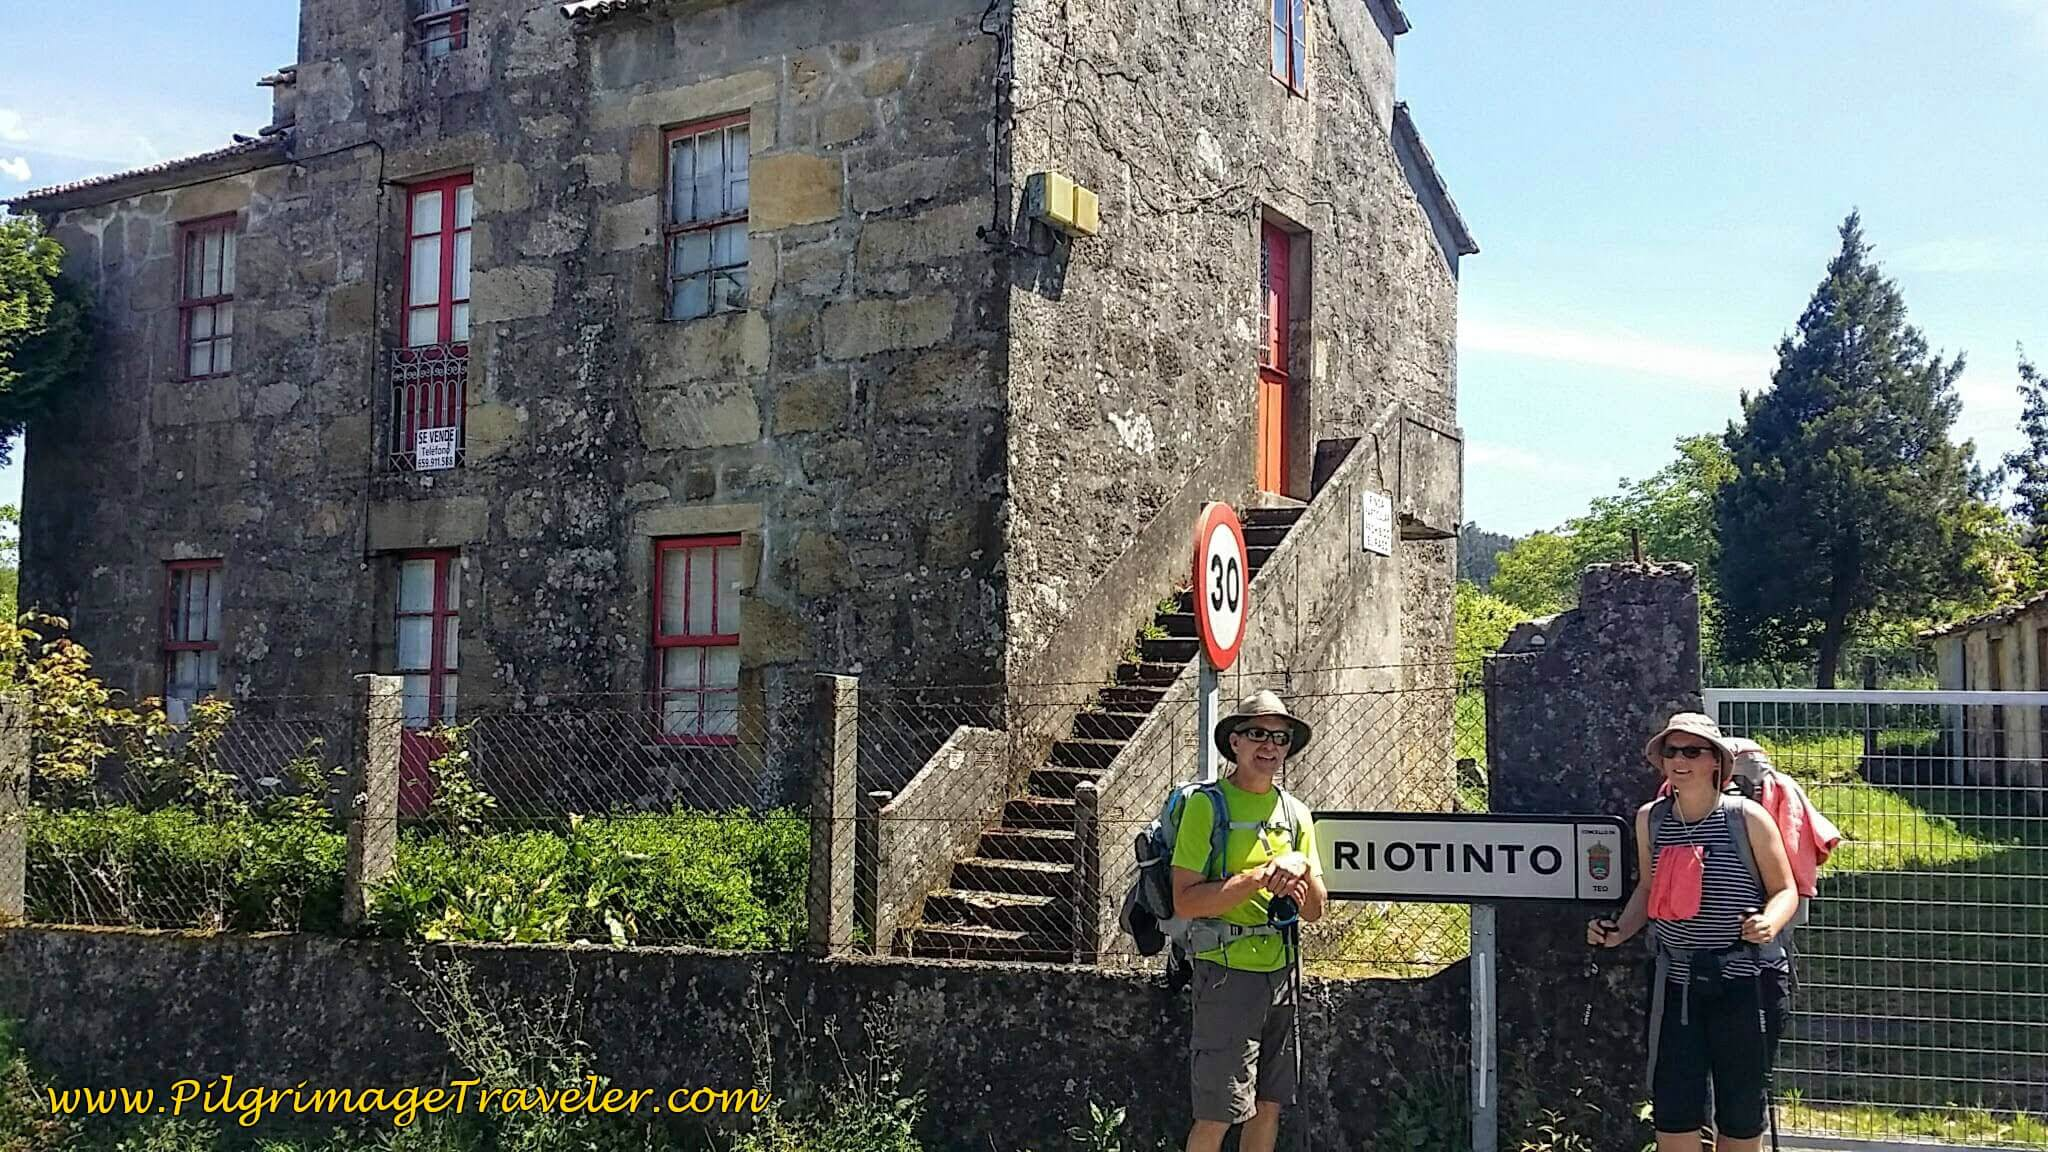 Signpost to Riotinto on Day Twenty-Four, Portuguese Camino